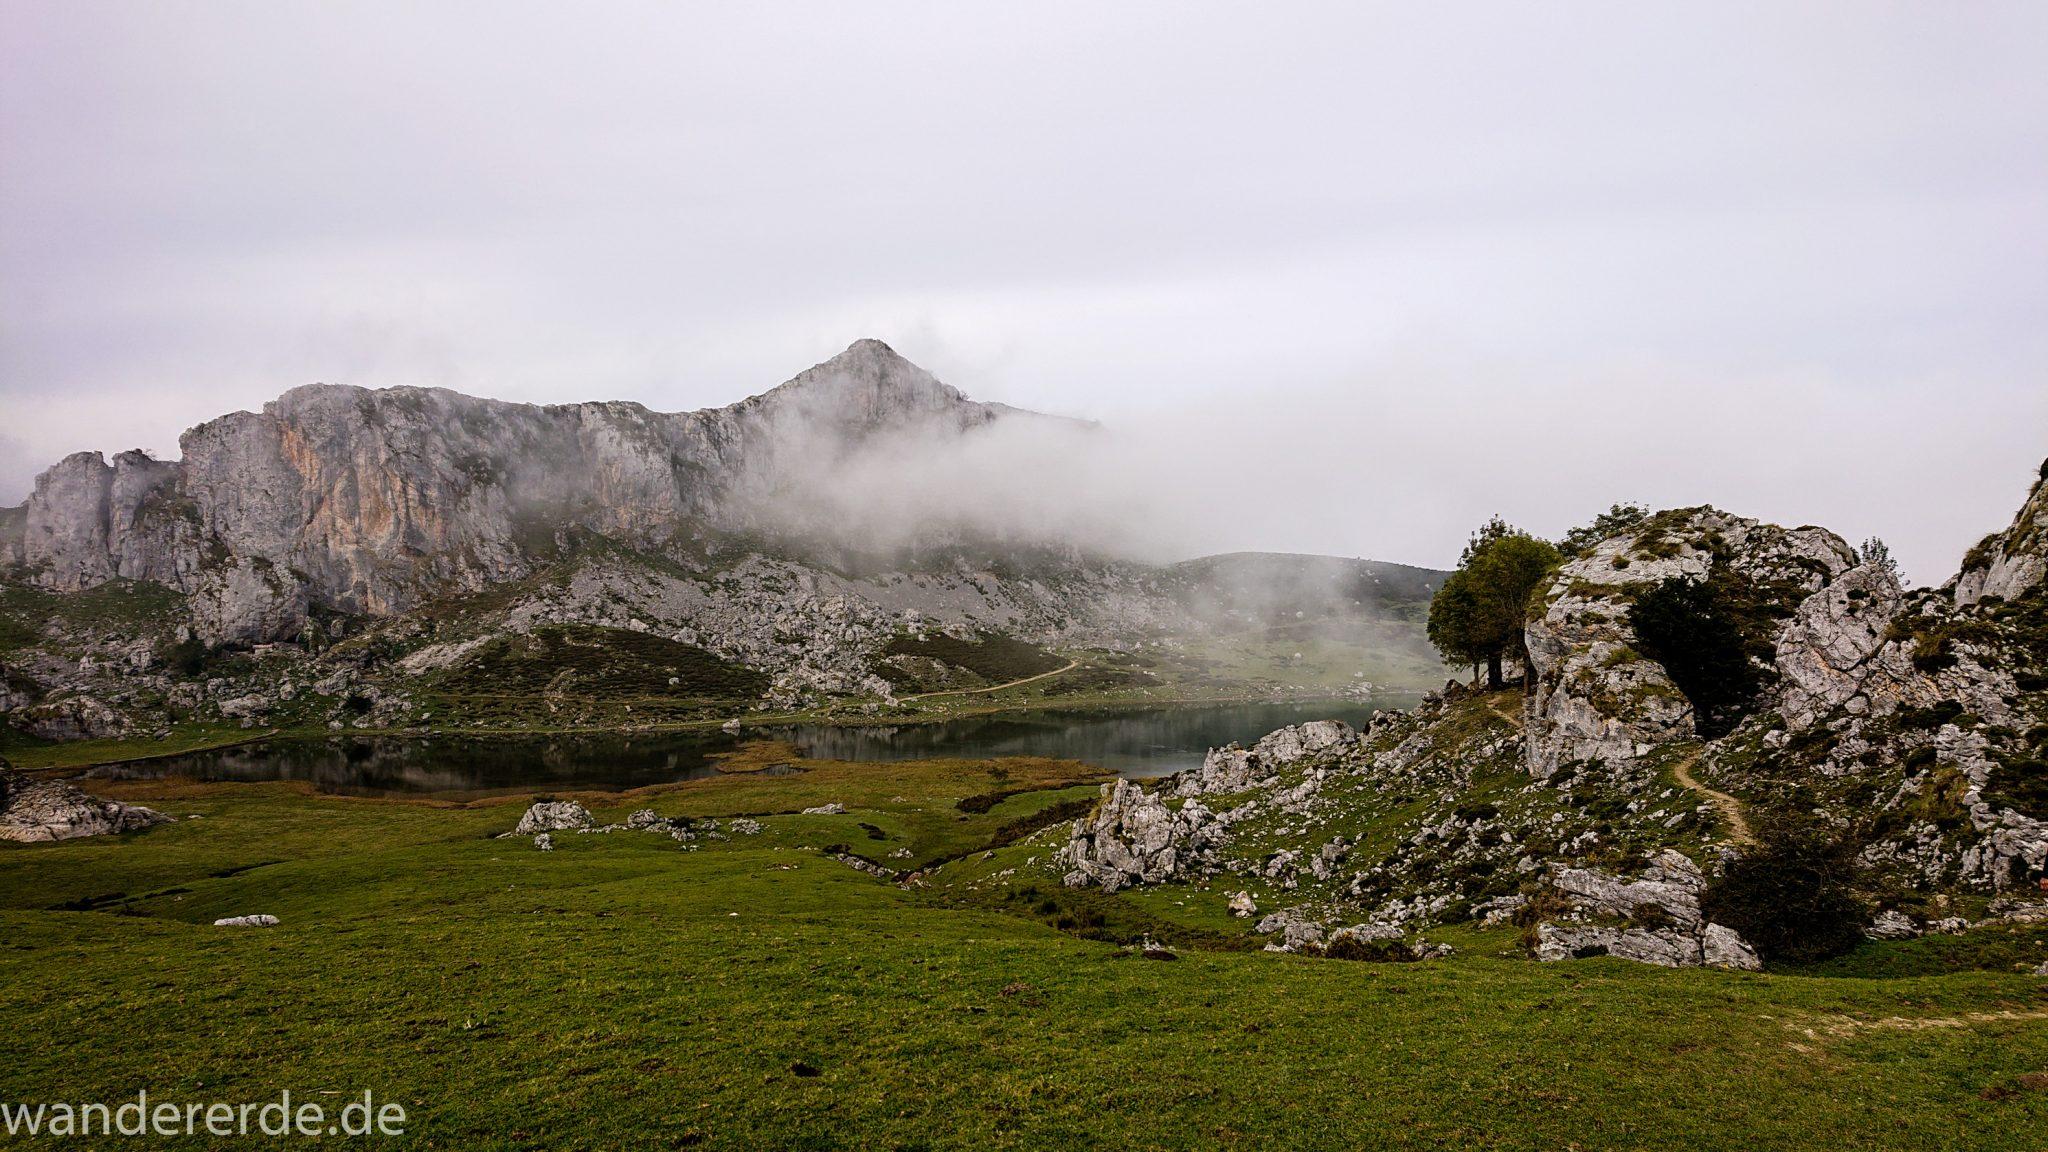 Wanderung Vega de Ario Picos de Europa Spanien, Start des Wanderwegs beim Lago Ercina, Kieselsteine, Berge, Wolkenfelder, grüne Wiesen, schmaler Wanderpfad, schöner See